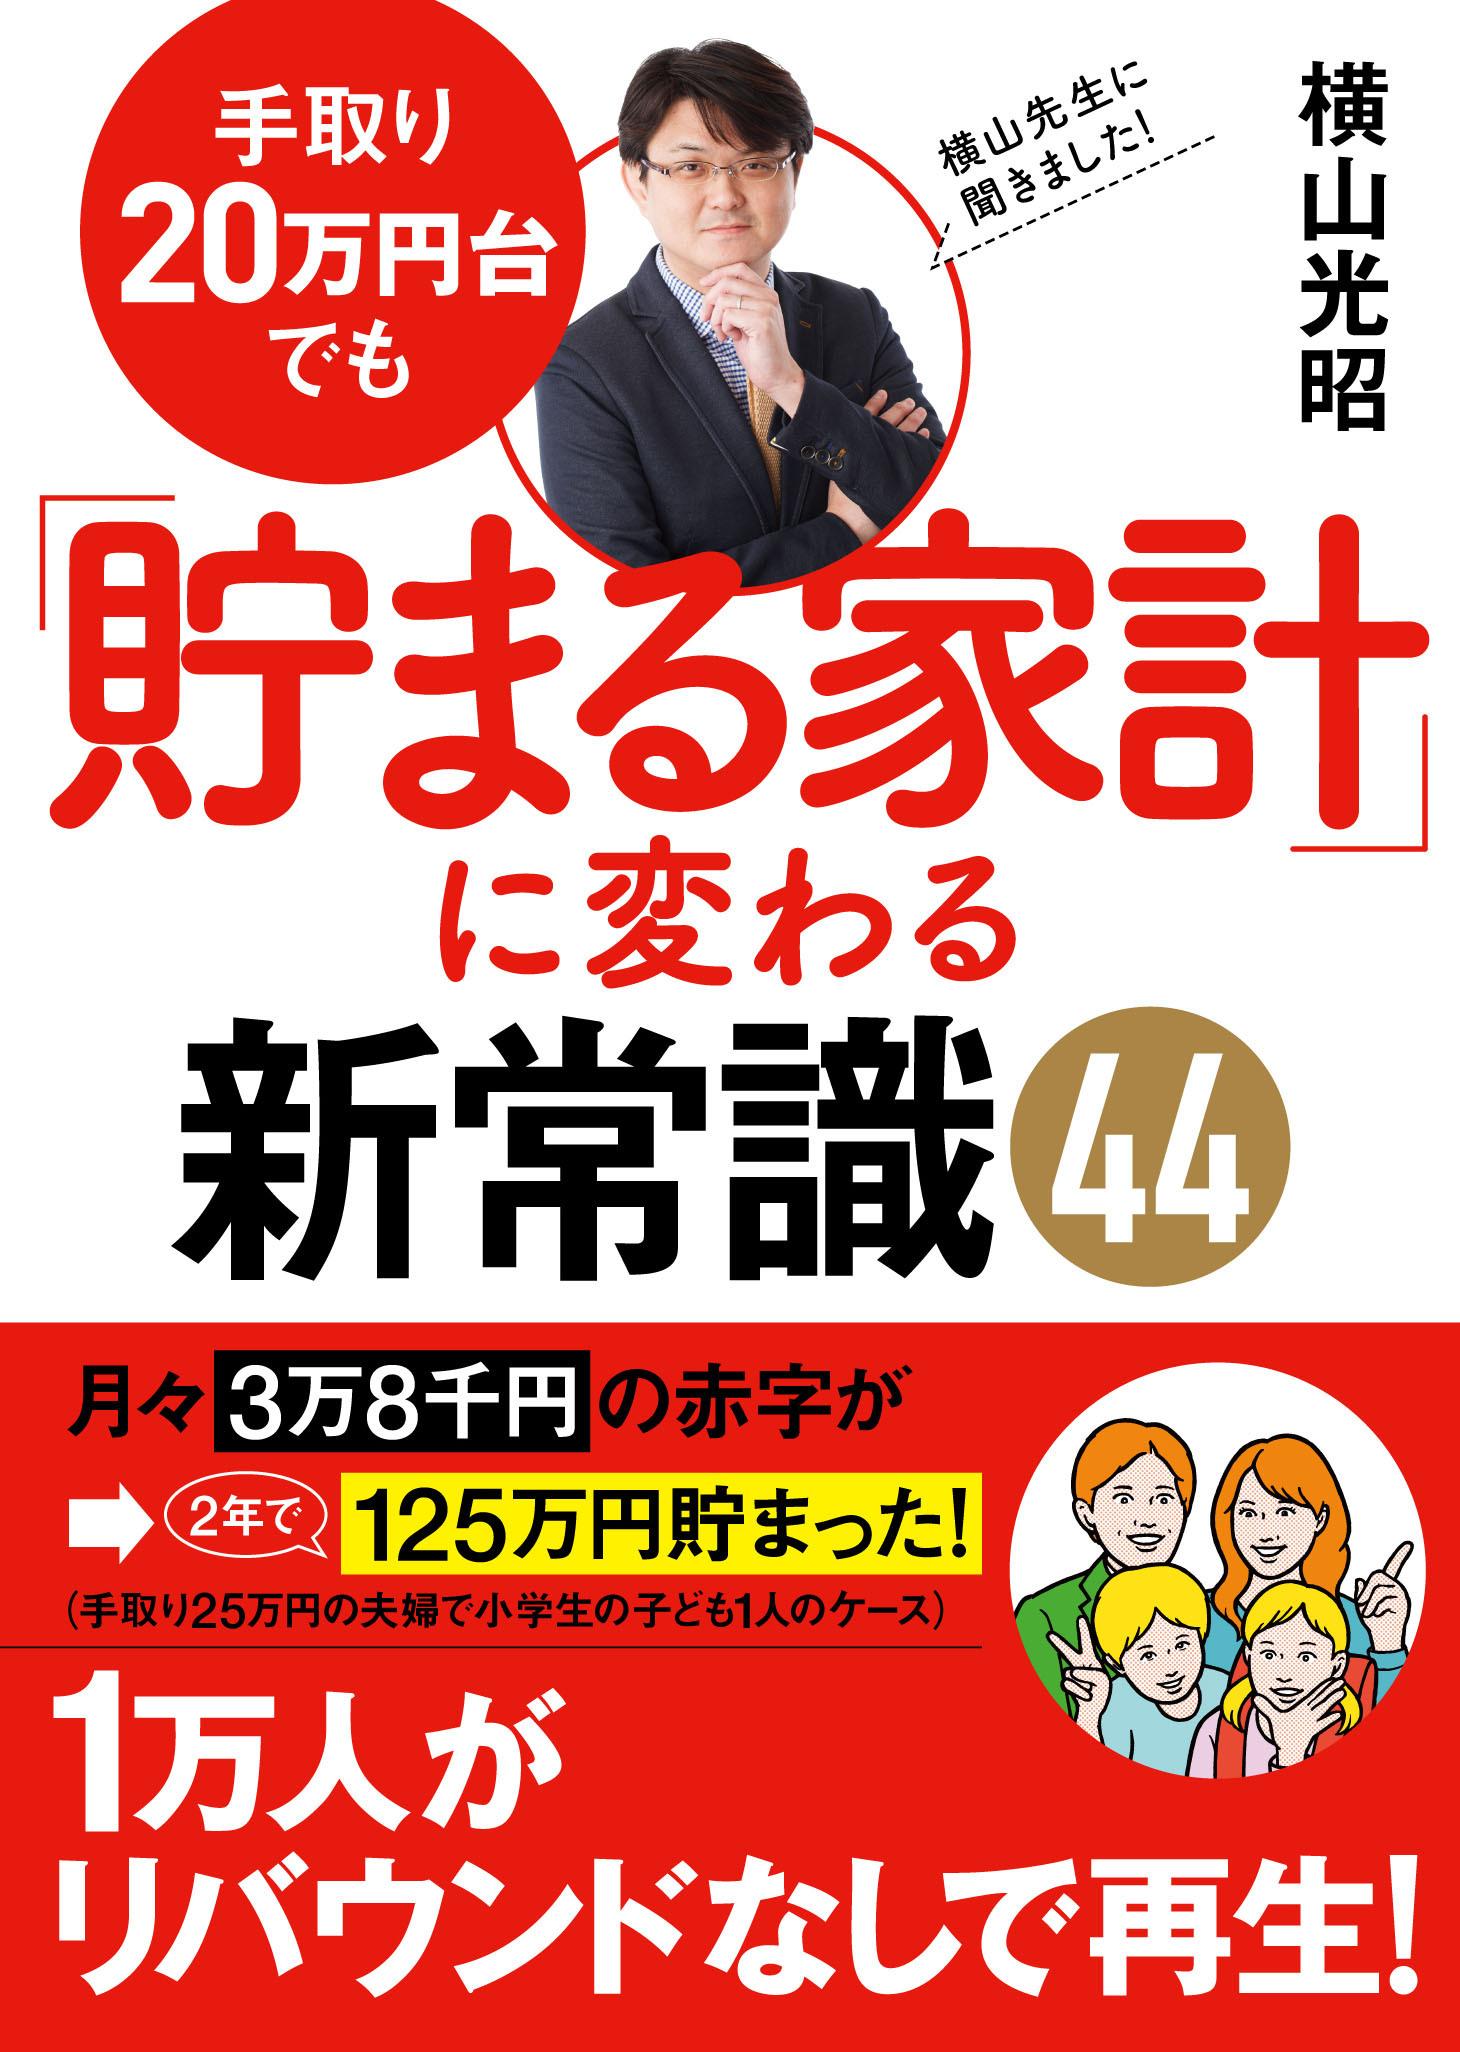 手取り20万円台でも! 貯まる家計に変わる新常識!